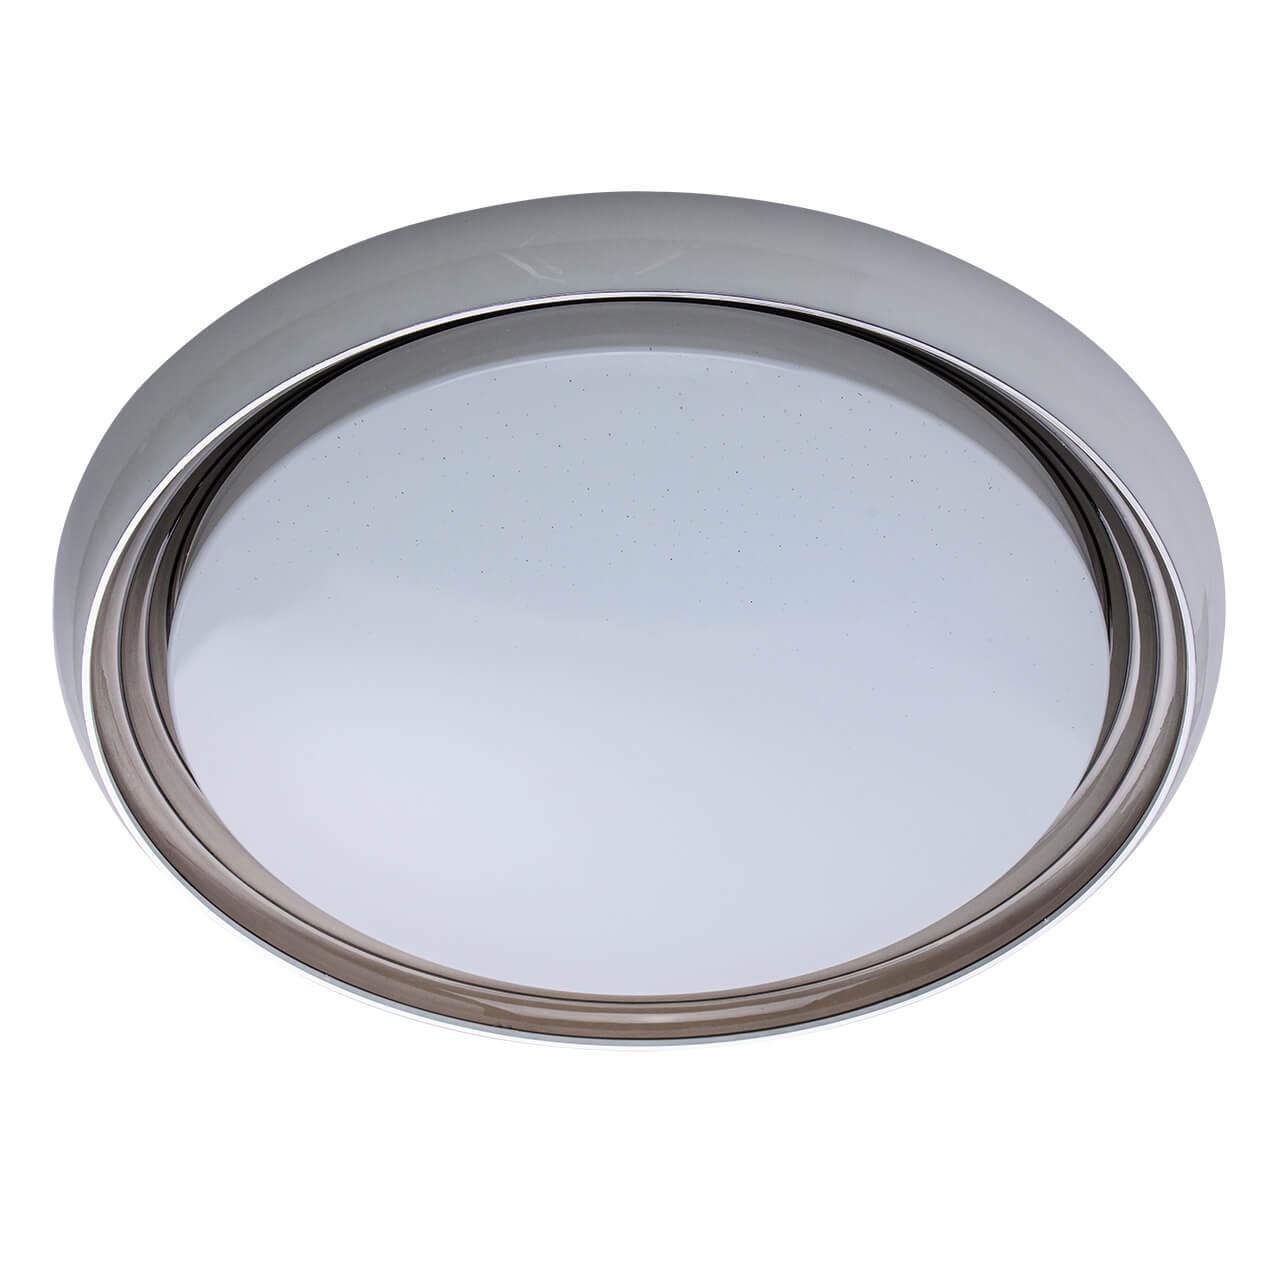 Накладной светильник De Markt 674011901, LED, 50 Вт потолочный светодиодный светильник de markt ривз 674012101